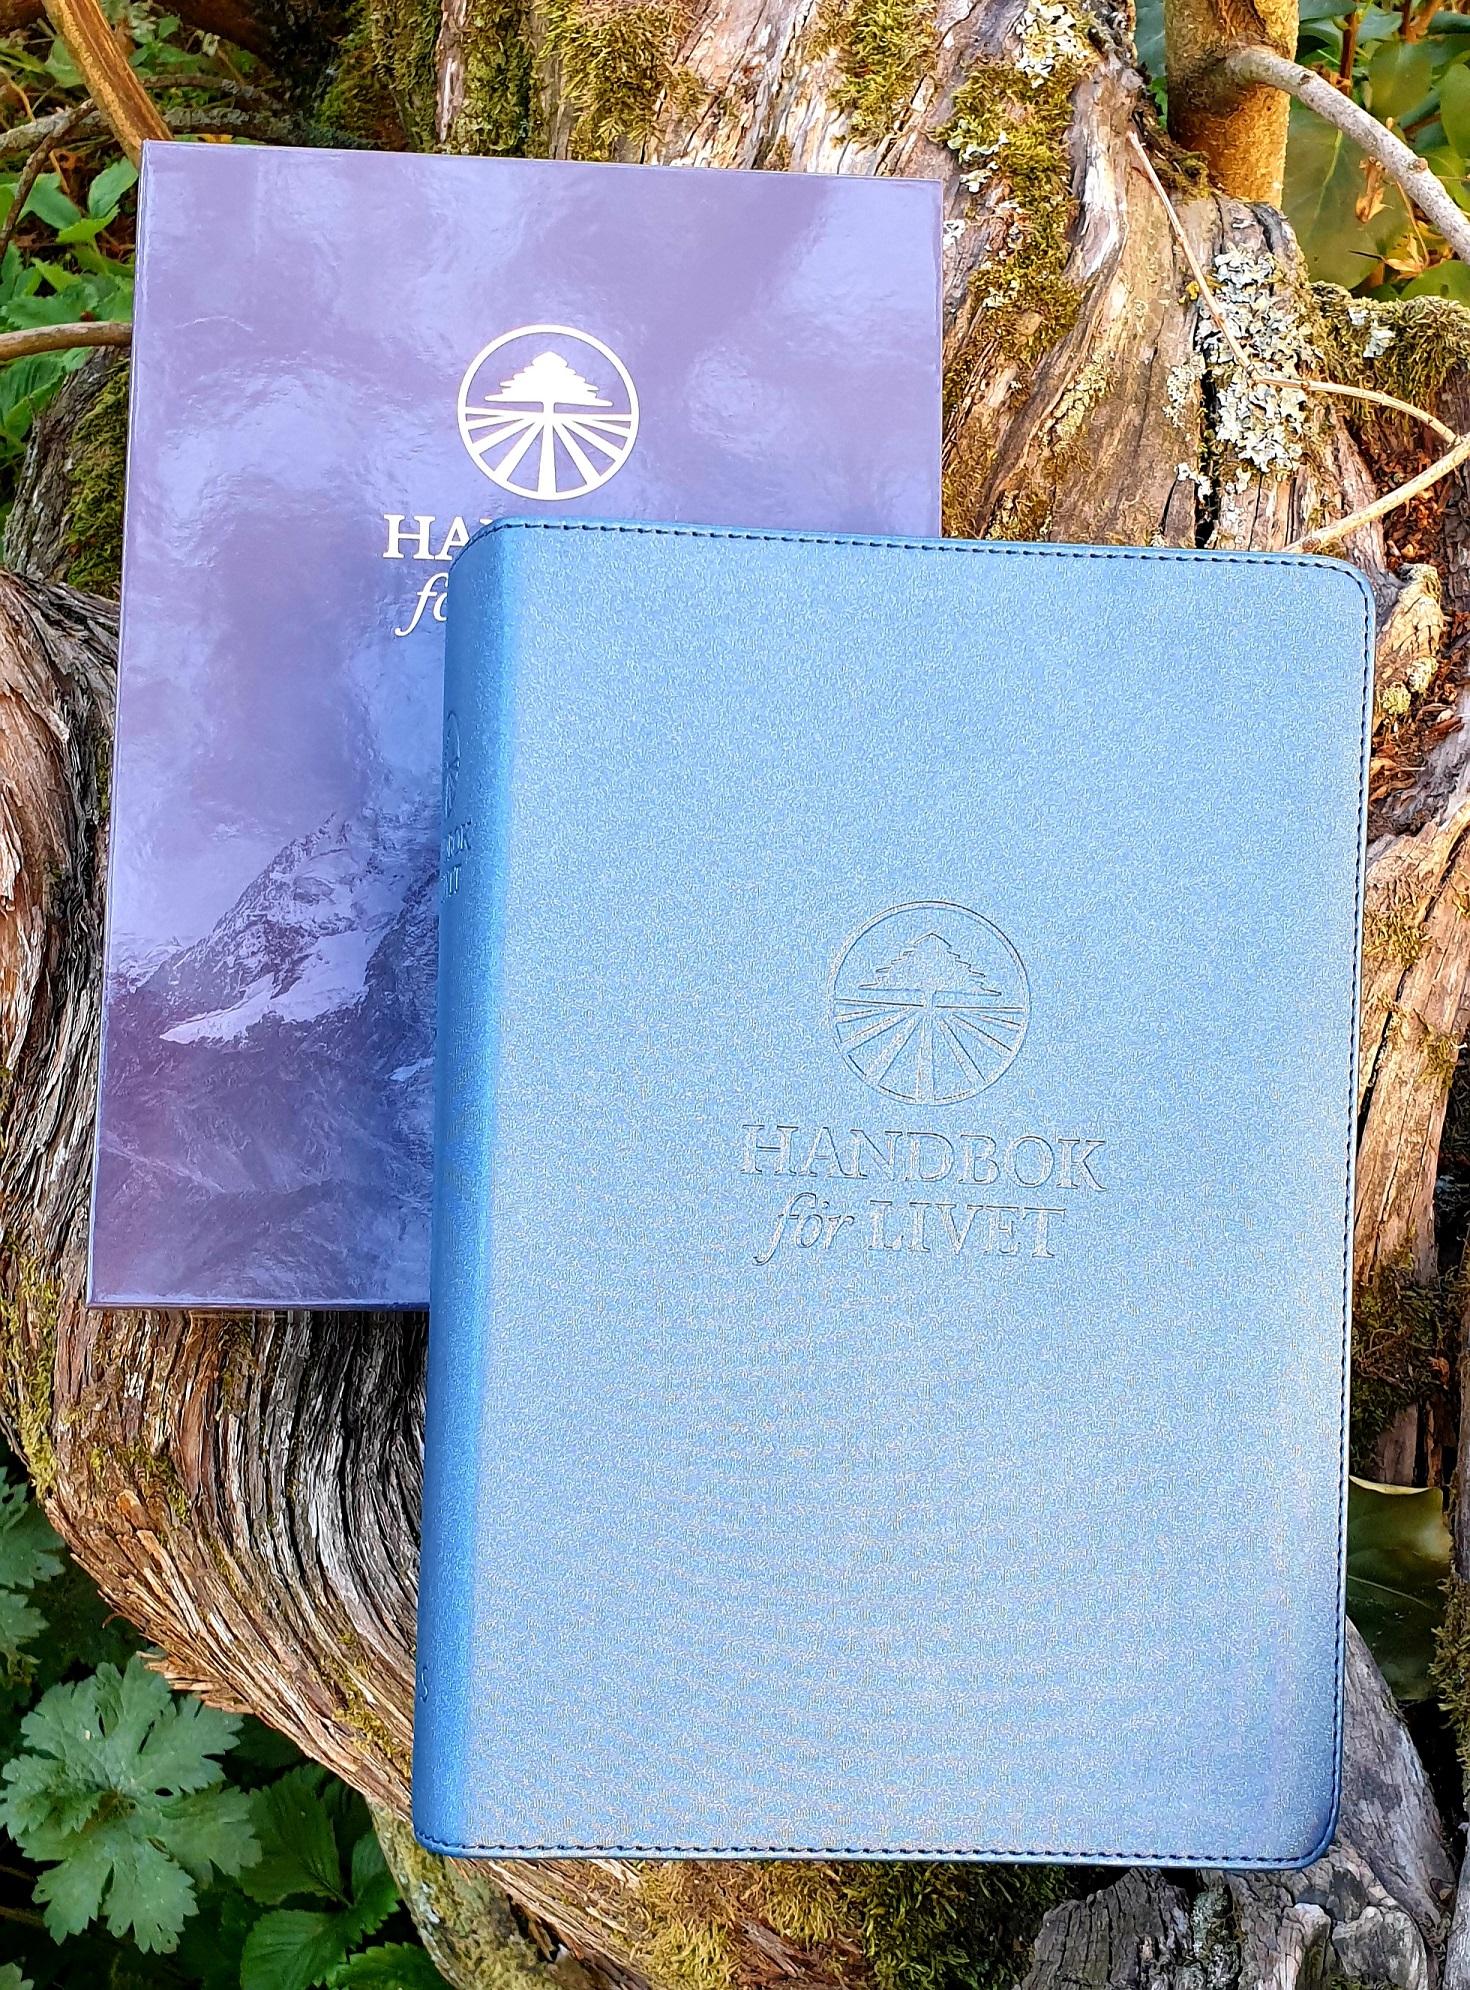 Handbok för livet artikelnummer 656 via bibelbutiken.se